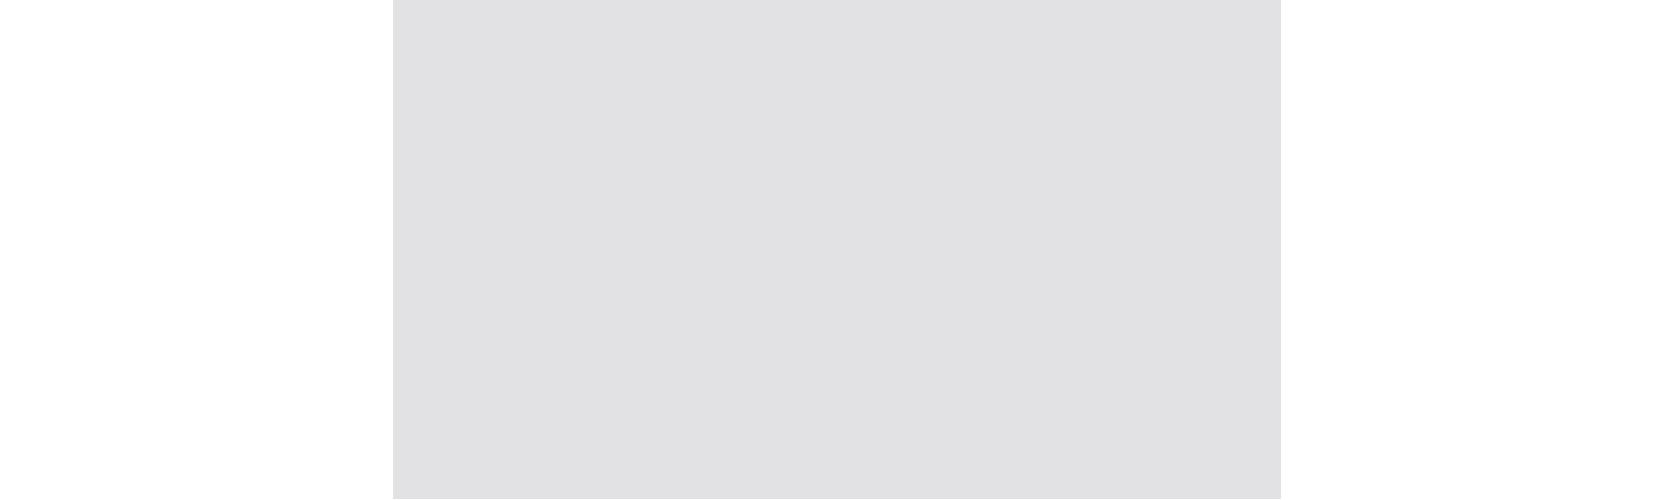 Shure SM81 Microfono a condensatore per strumenti Curva di risposta in frequenza